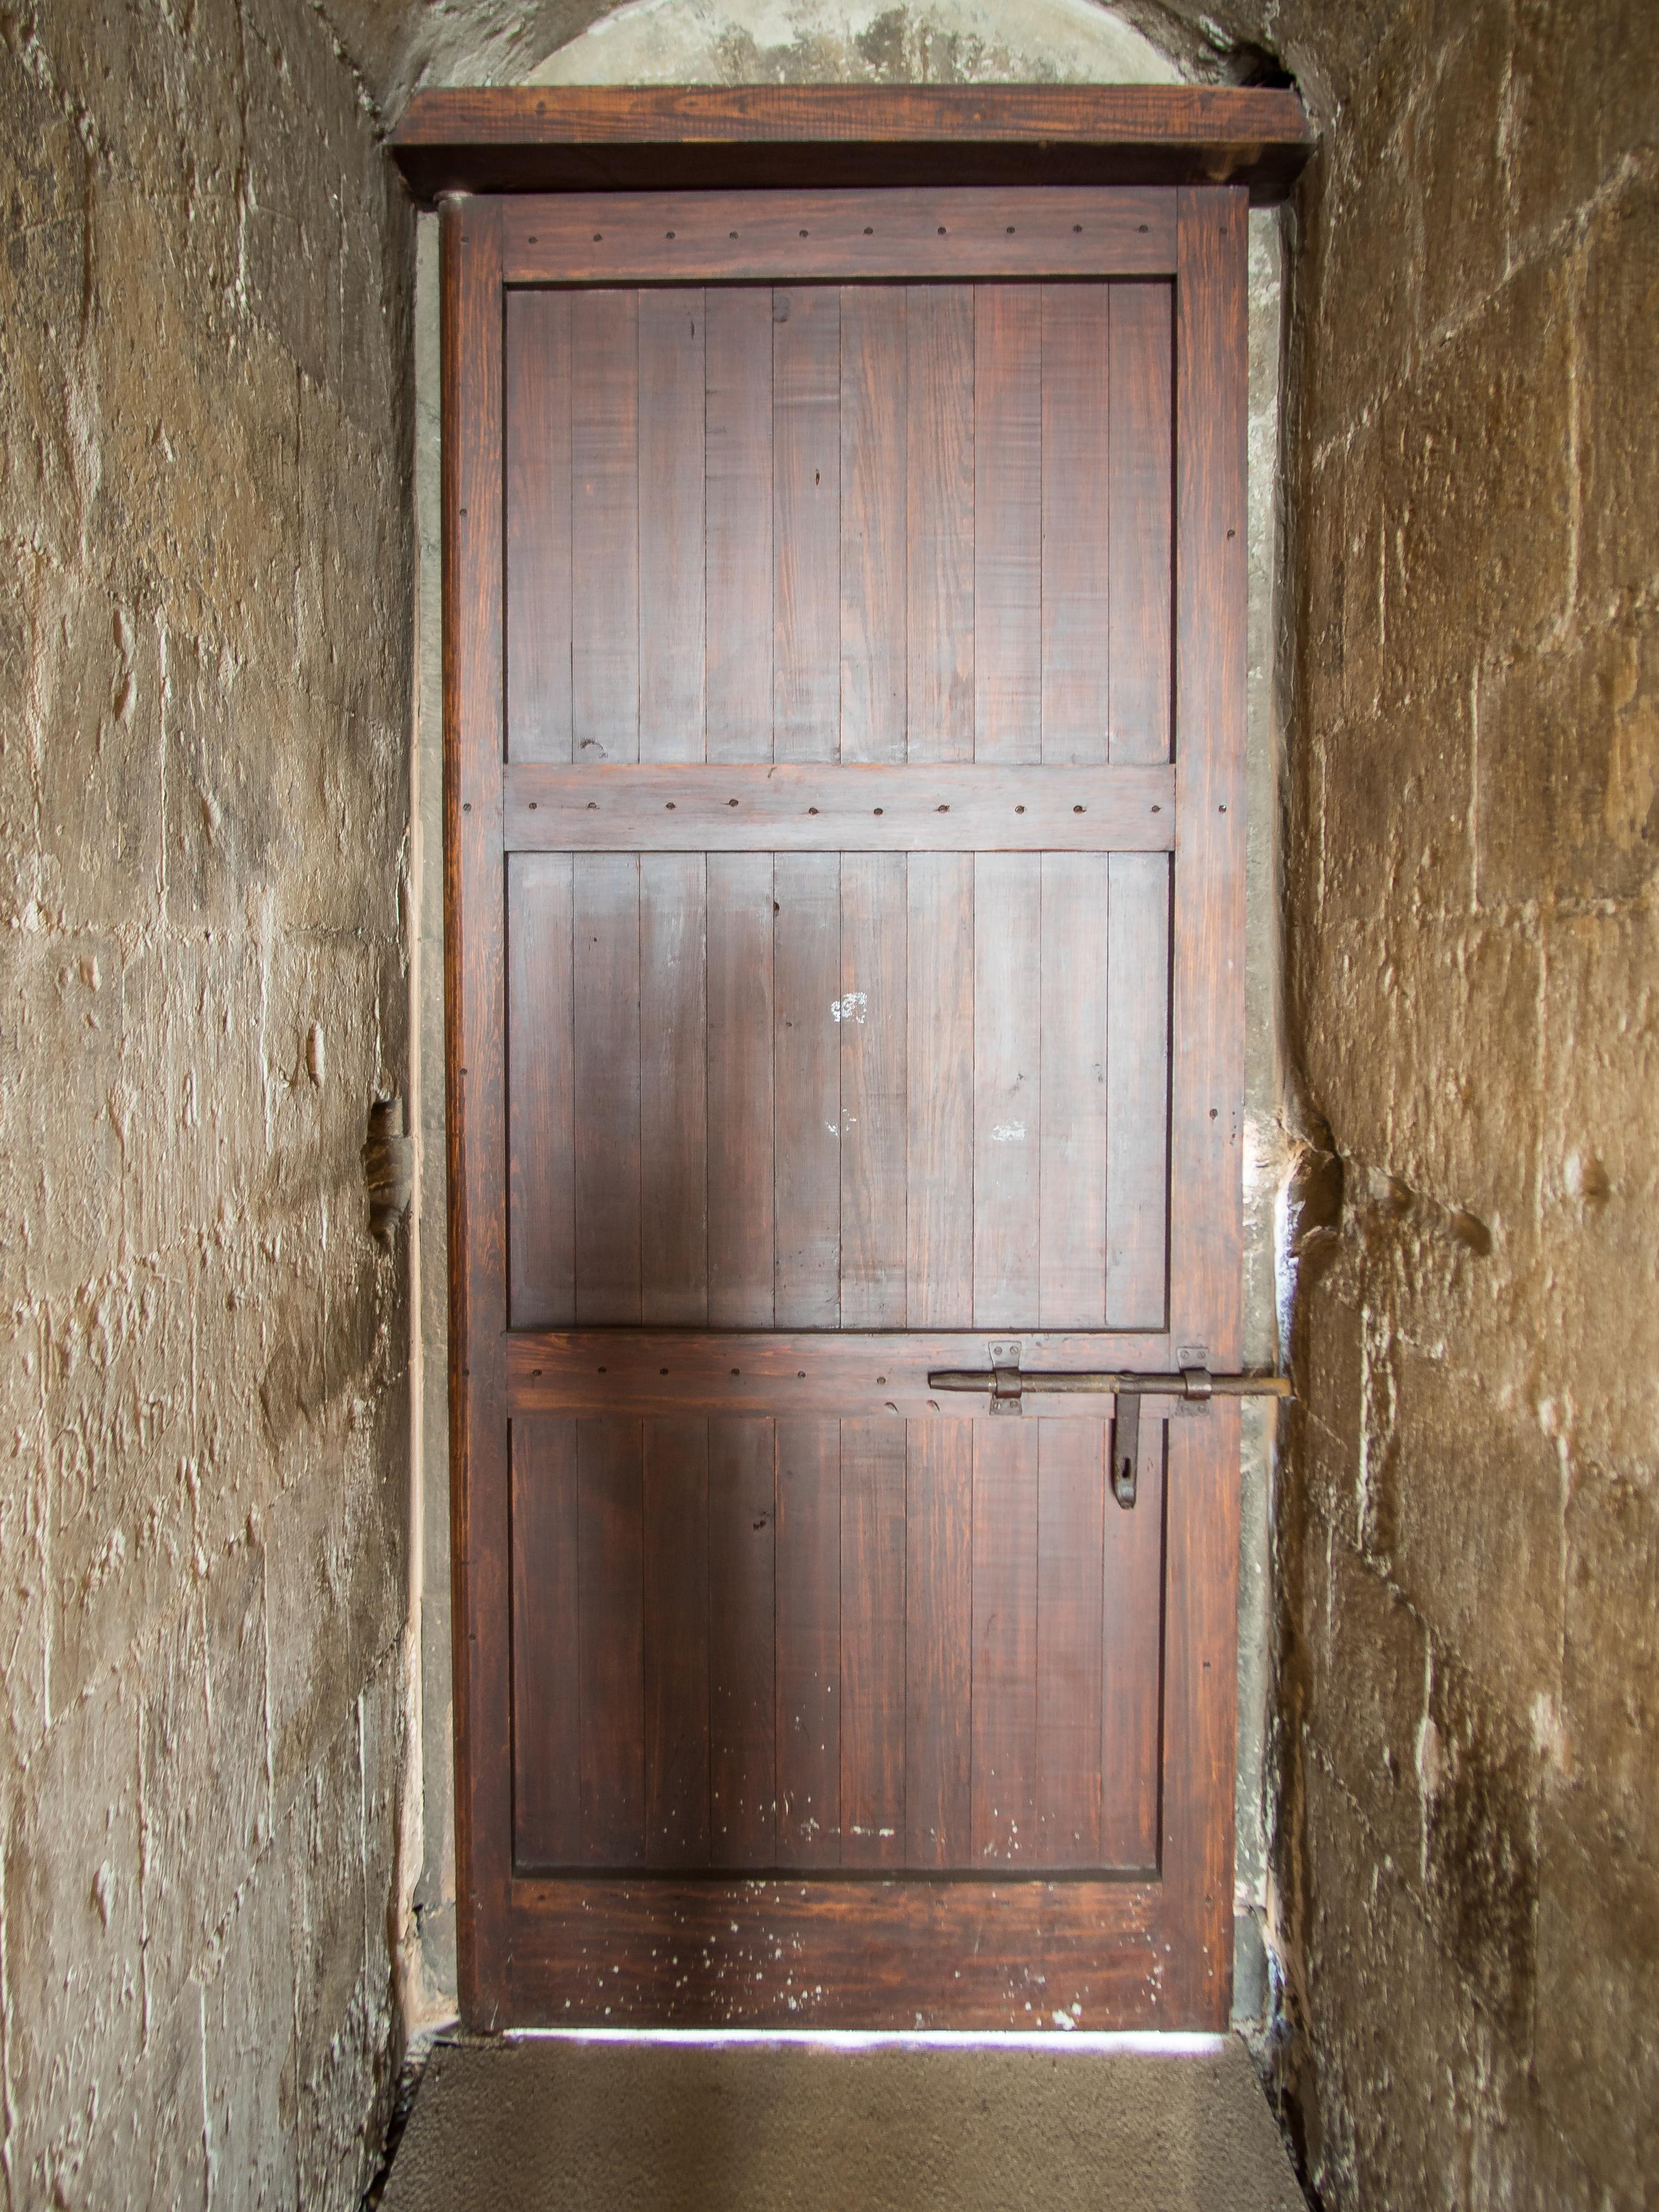 a cool wooden door